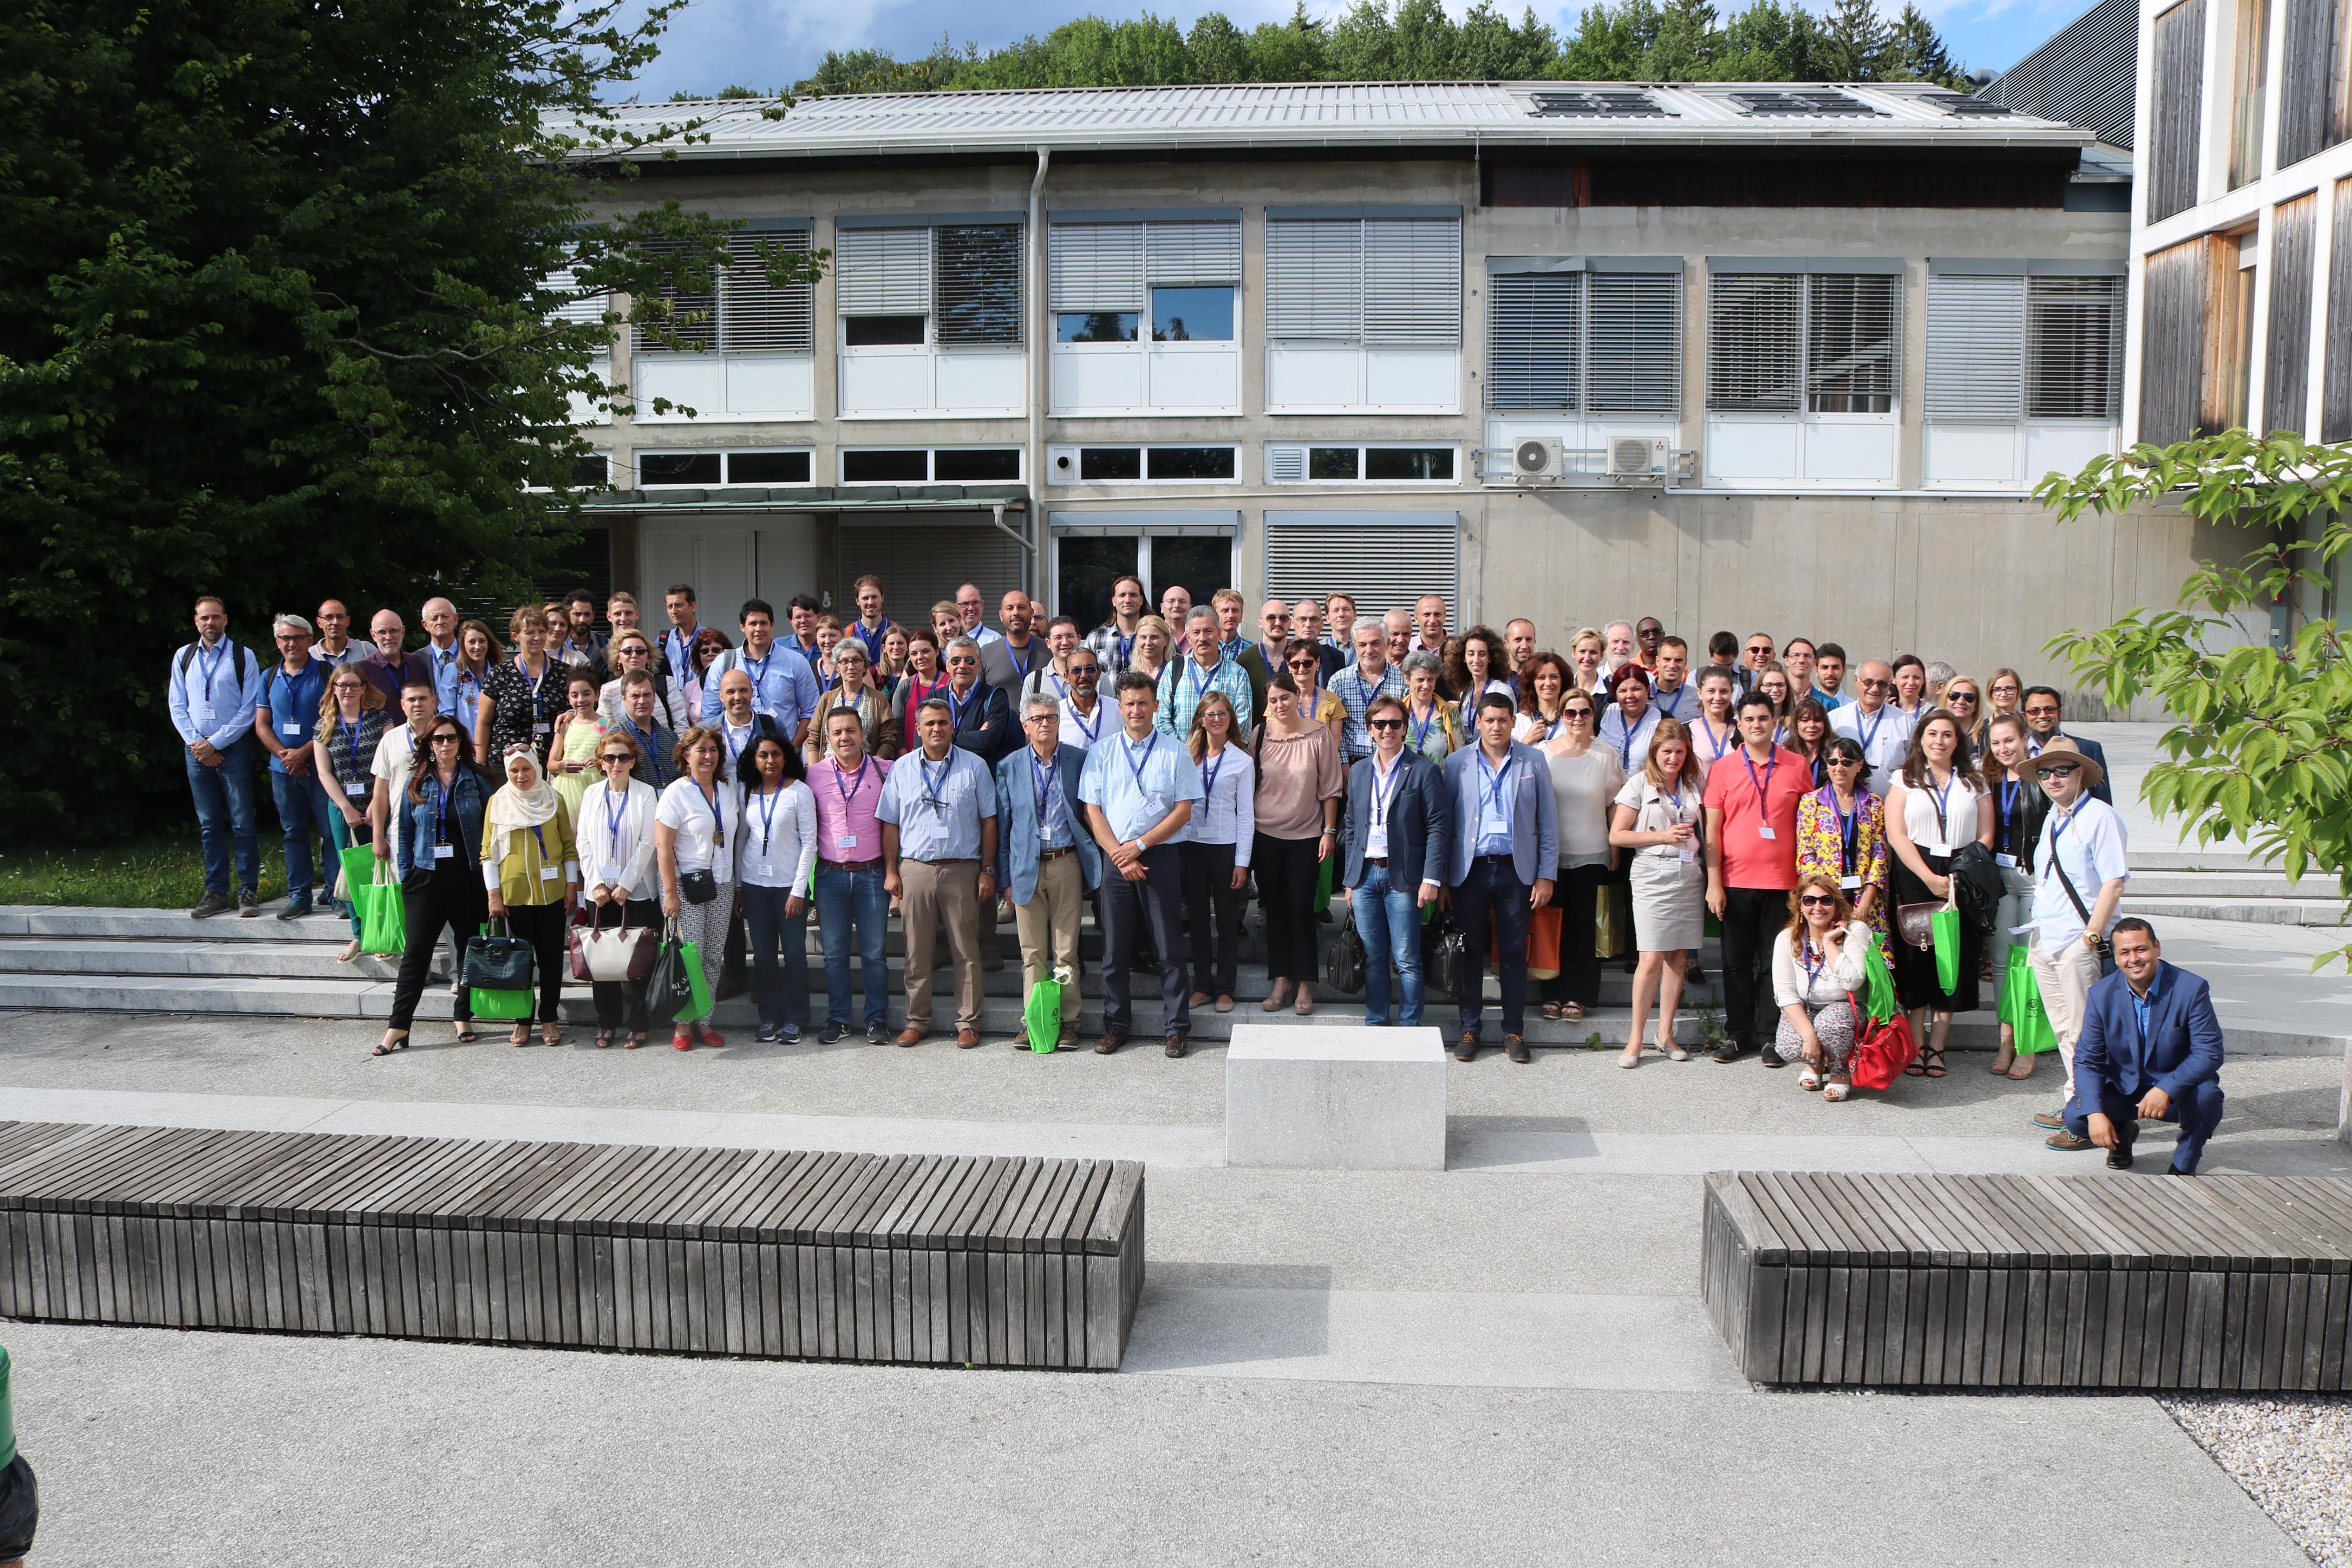 IOBC 2017 Ljubljana participants (photo: Jaka Rupnik)